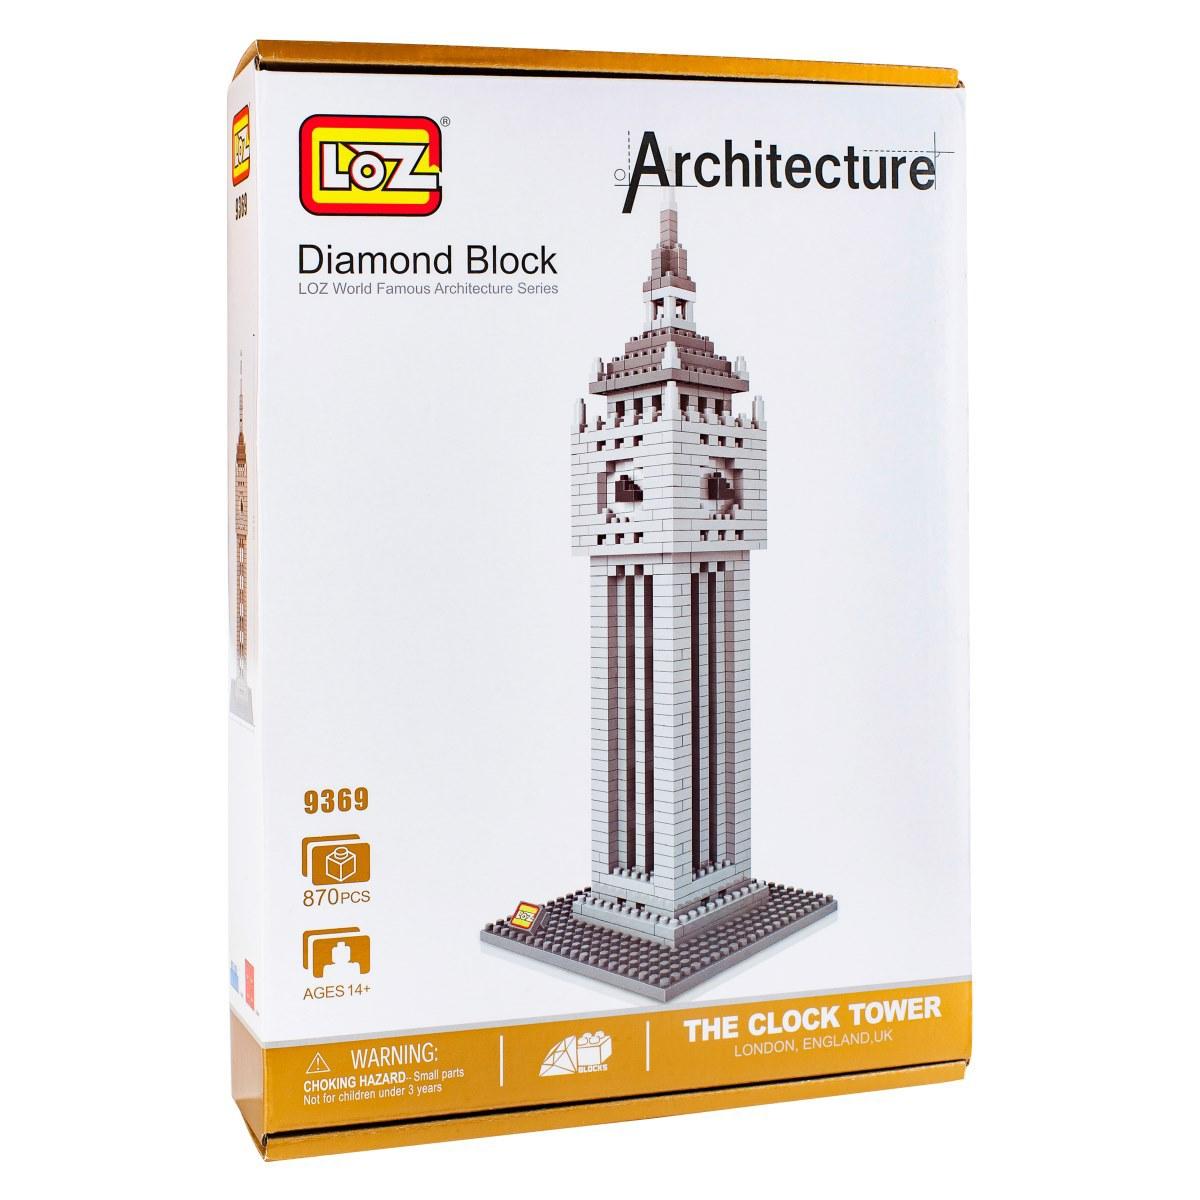 Loz Конструктор Башня Биг Бен9369Конструктор Loz. Серия: Архитектура. Башня Биг Бен. Конструктор серии Архитектура собирается из модных в последнее время нано-блоков, что позволяет придать конечной модели максимально приближенный к оригиналу вид. Собирая башню, ребенок будет развивать внимательность, усидчивость, логику и пространственное воображение. А собранная модель станет отличном украшением детской. Для детей от 9 лет. В набор входит 870 деталей конструктора и подробная инструкция.